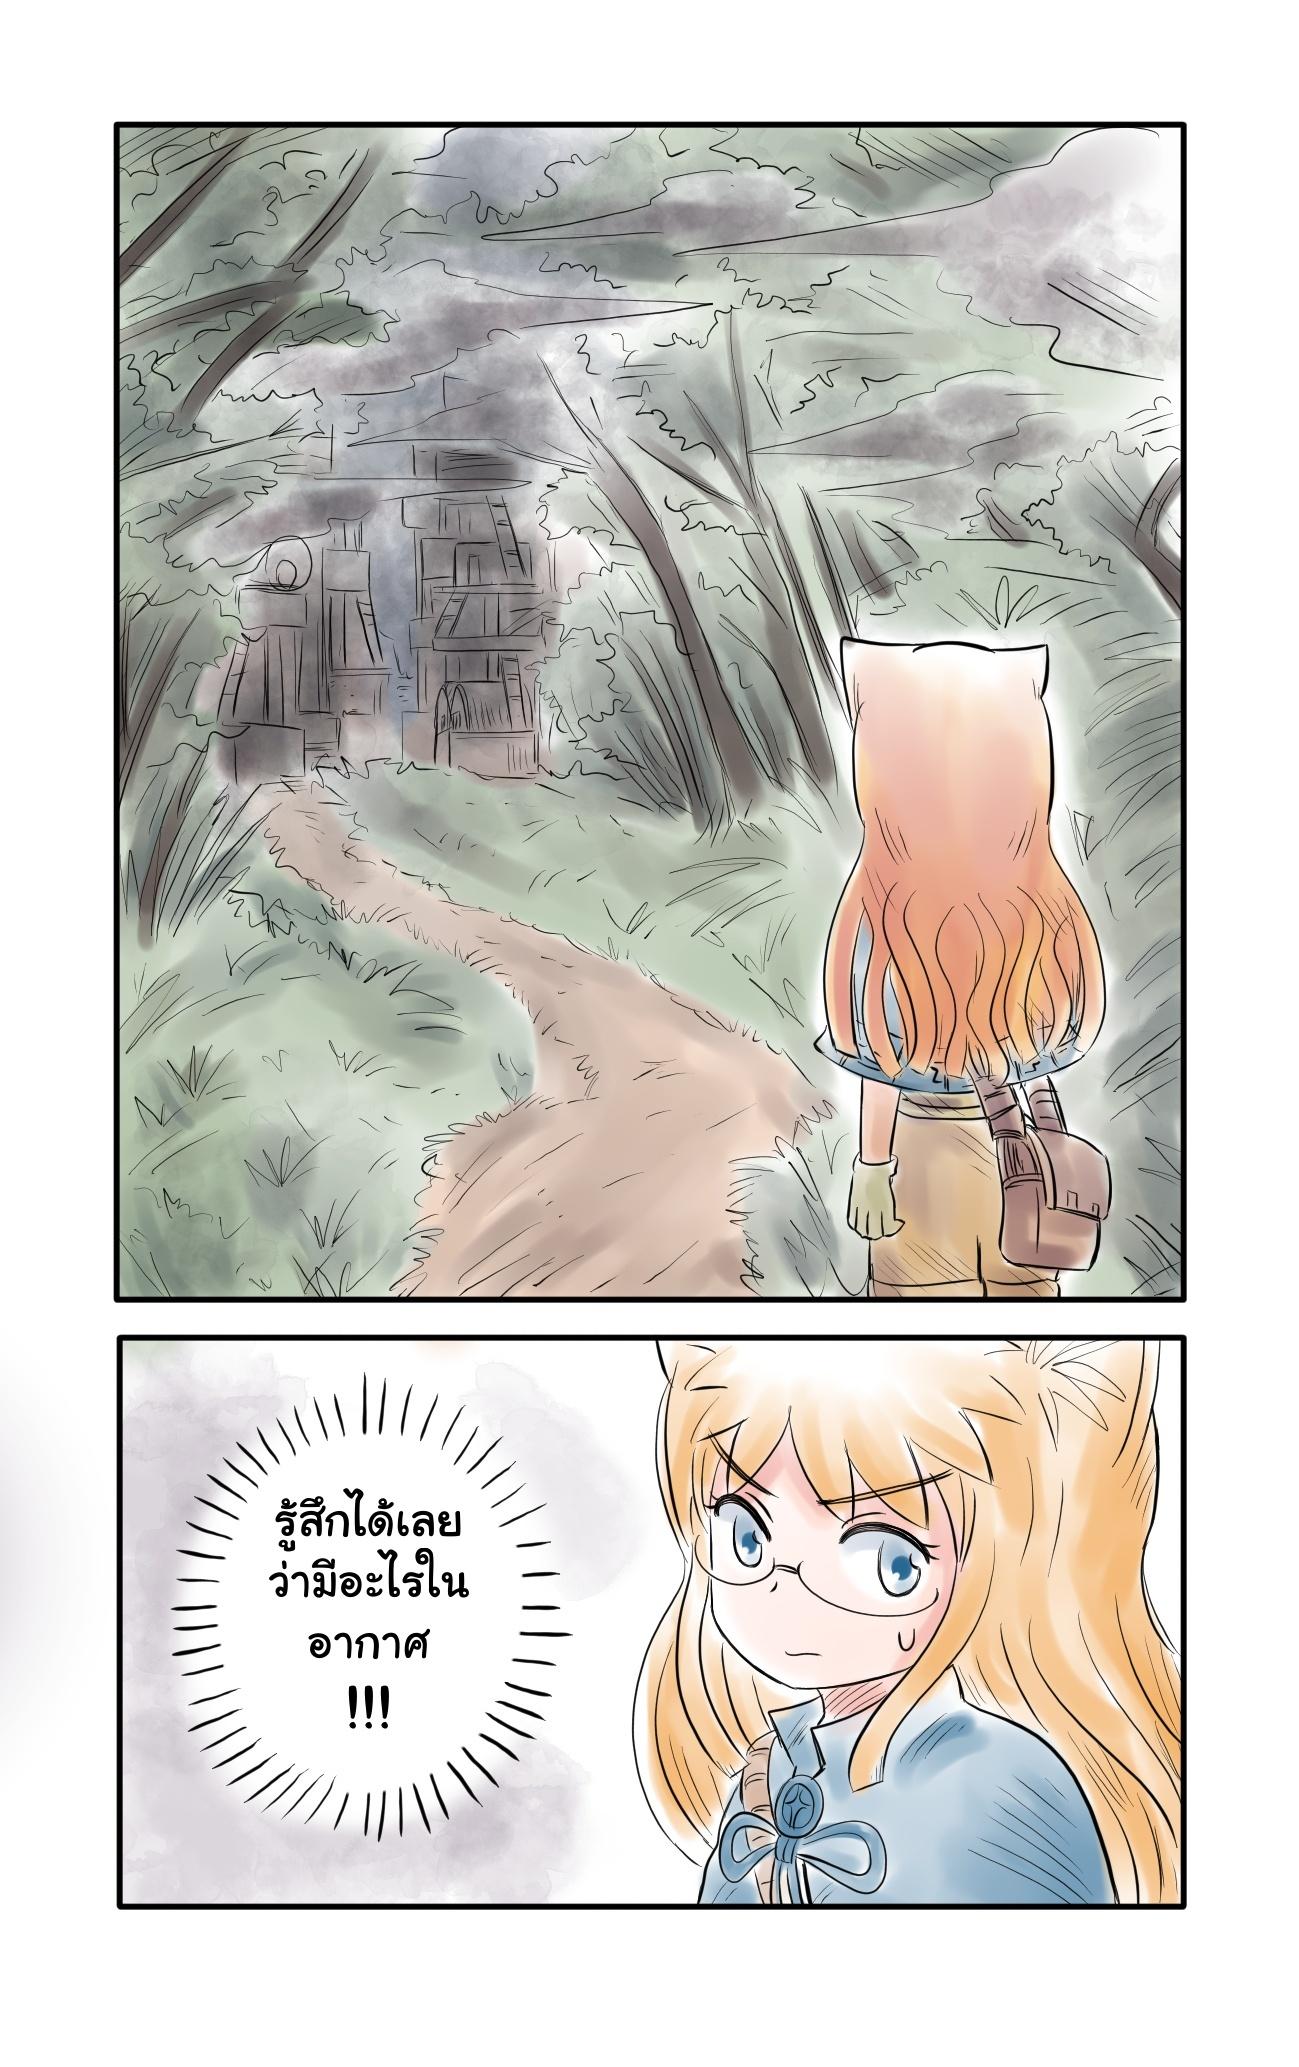 19] - Curse (Part I)